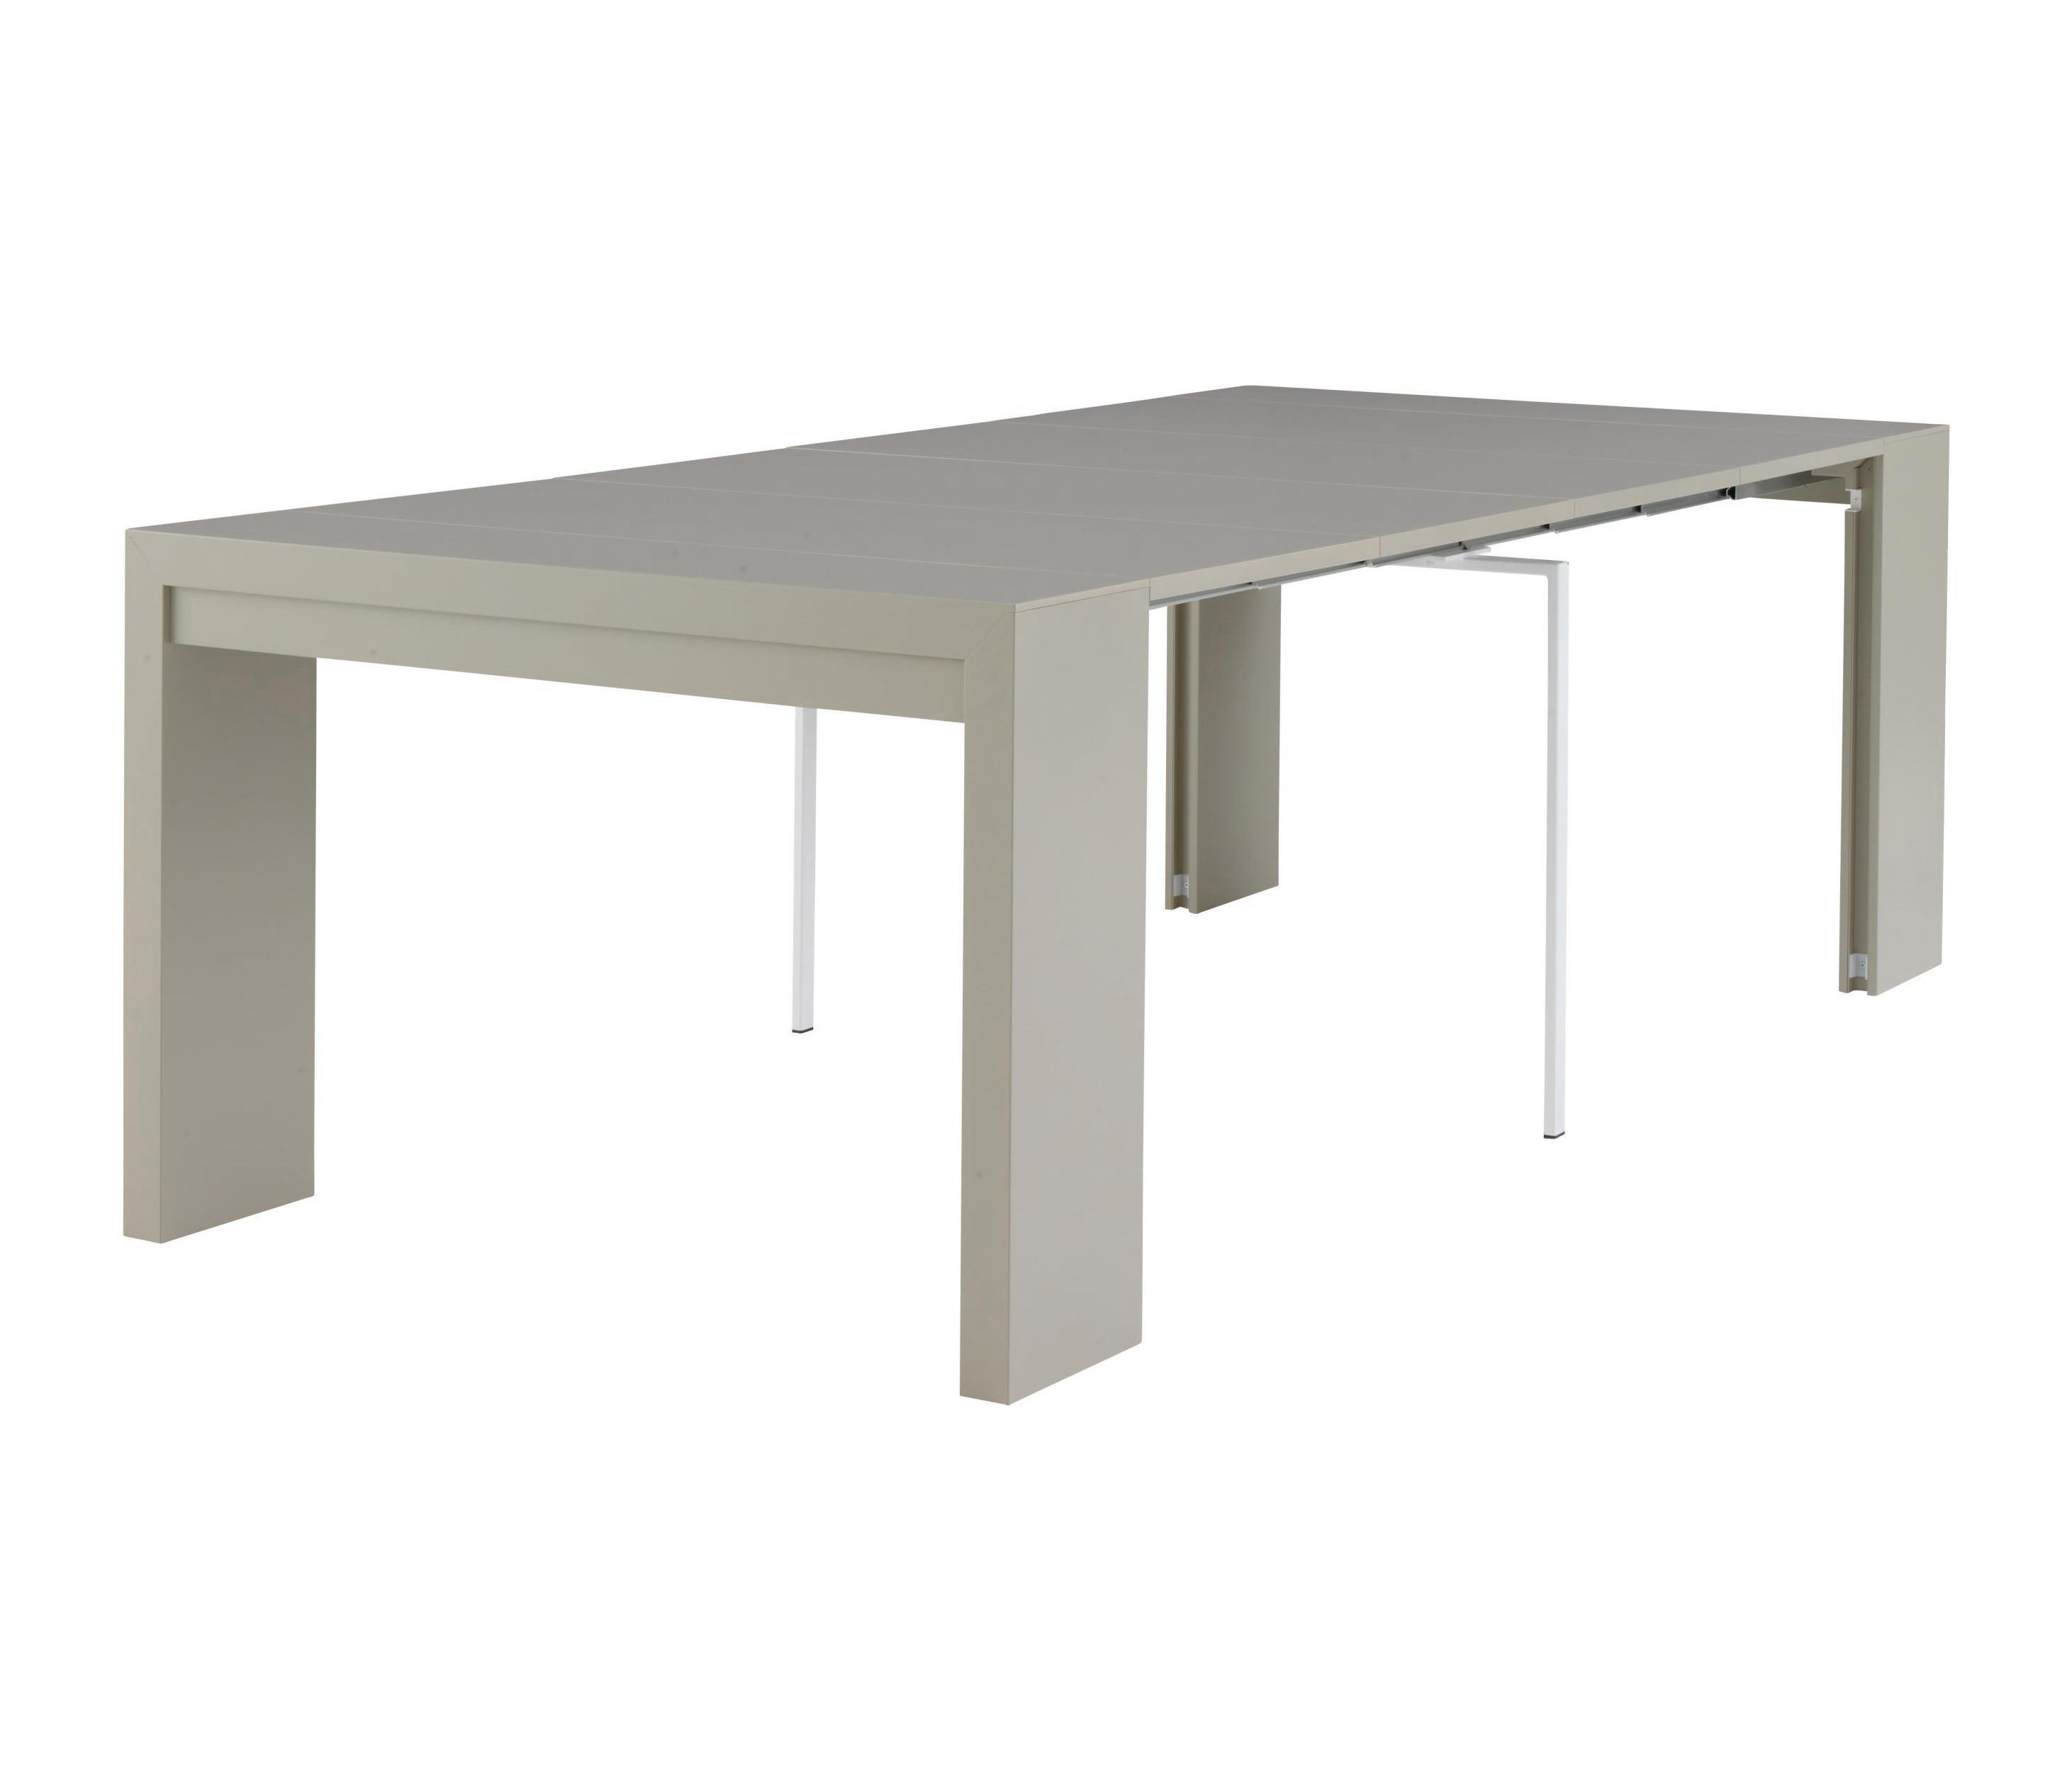 Doppio Console Extensible Laque Argile Tables De Repas De Ligne